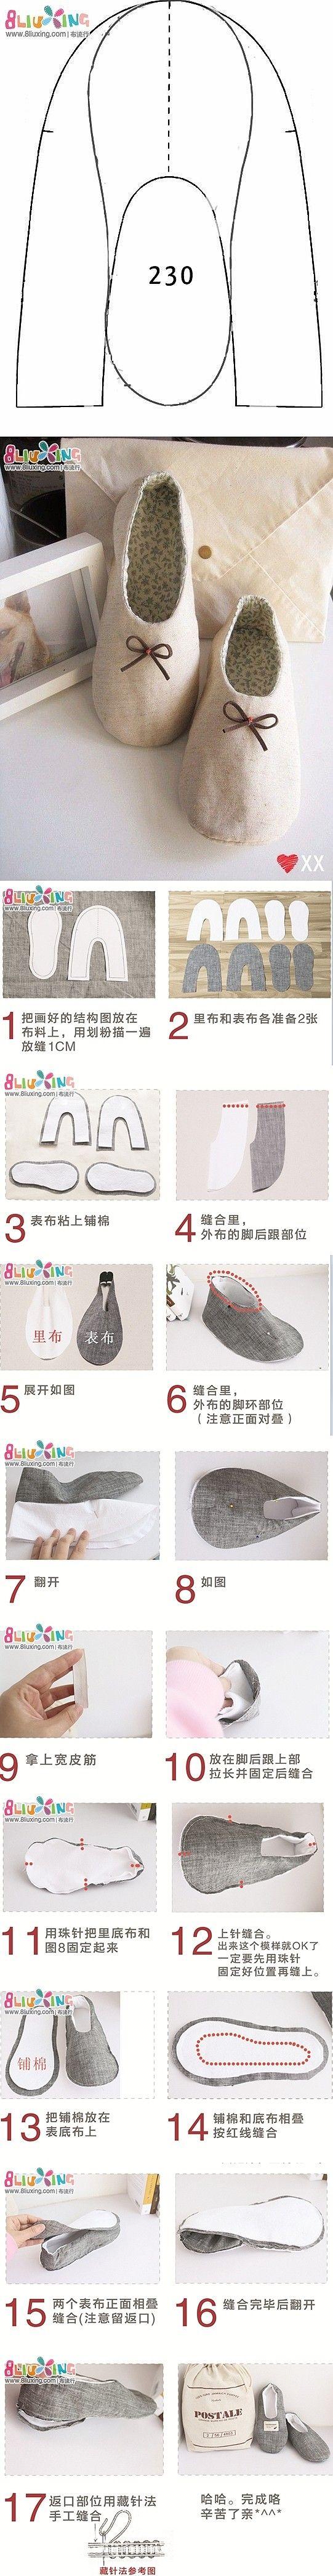 手工  家居布鞋制作方法, slippers